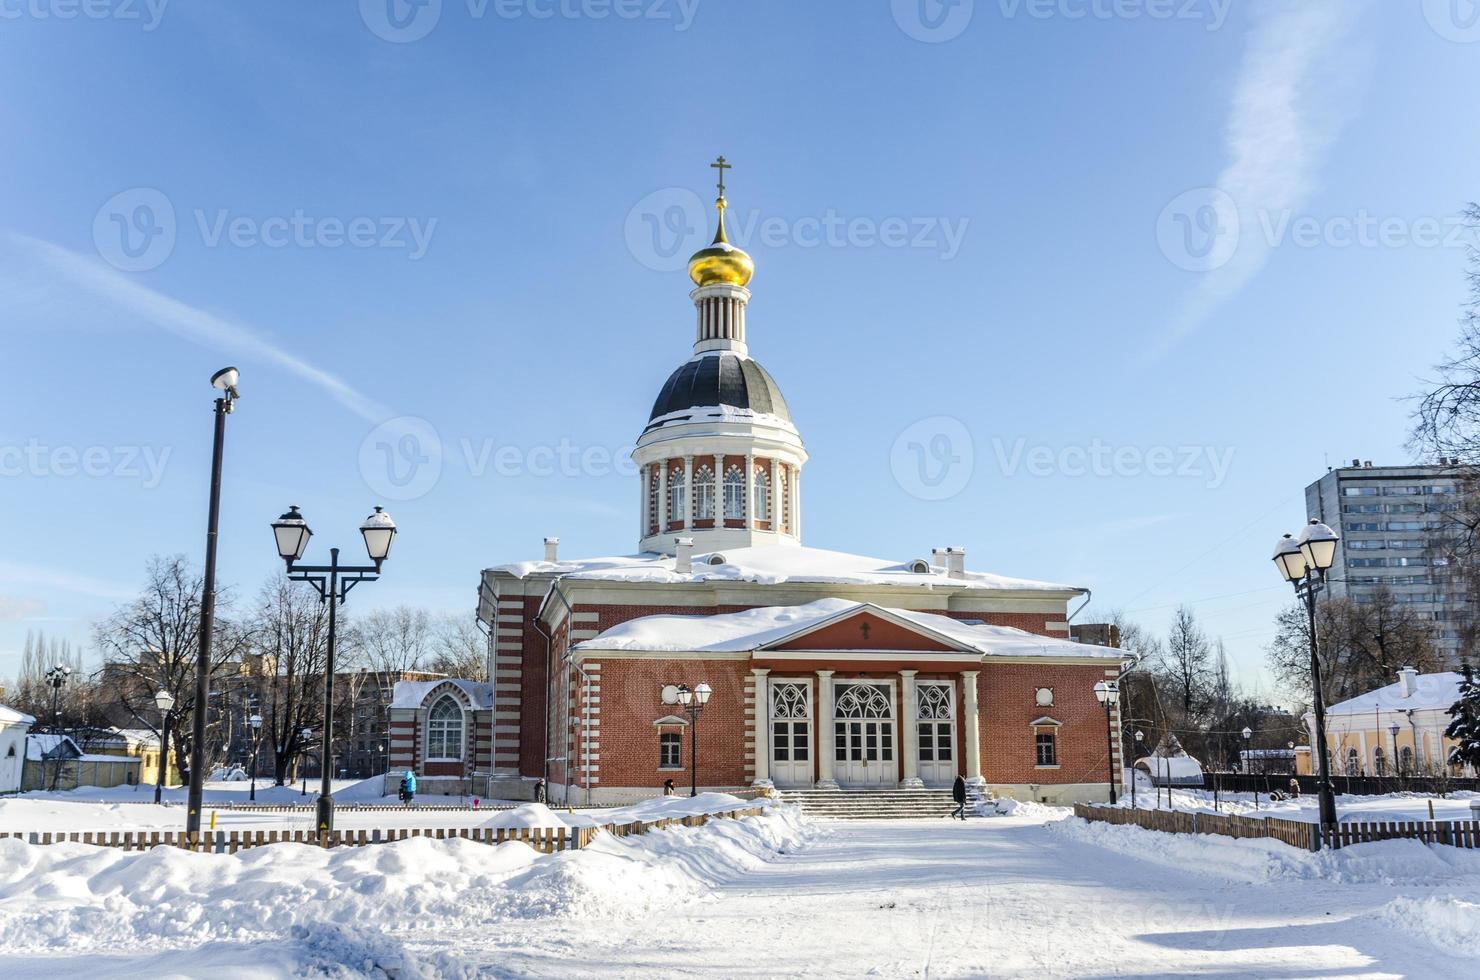 chiesa ortodossa a mosca, russia inverno, foto